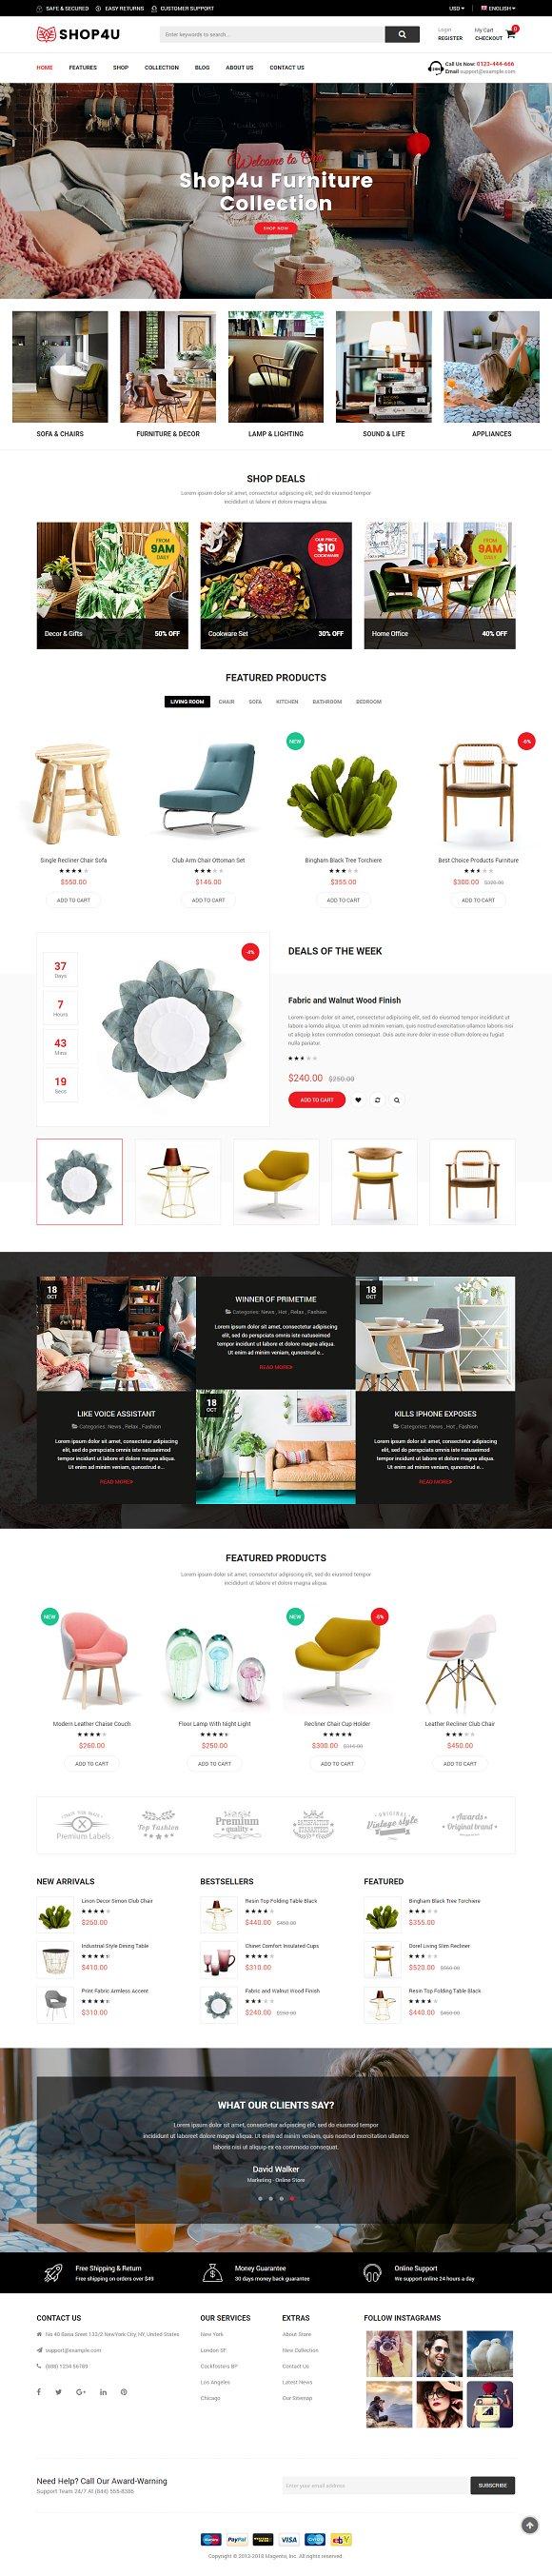 SM Shop4U Magento 2 Theme